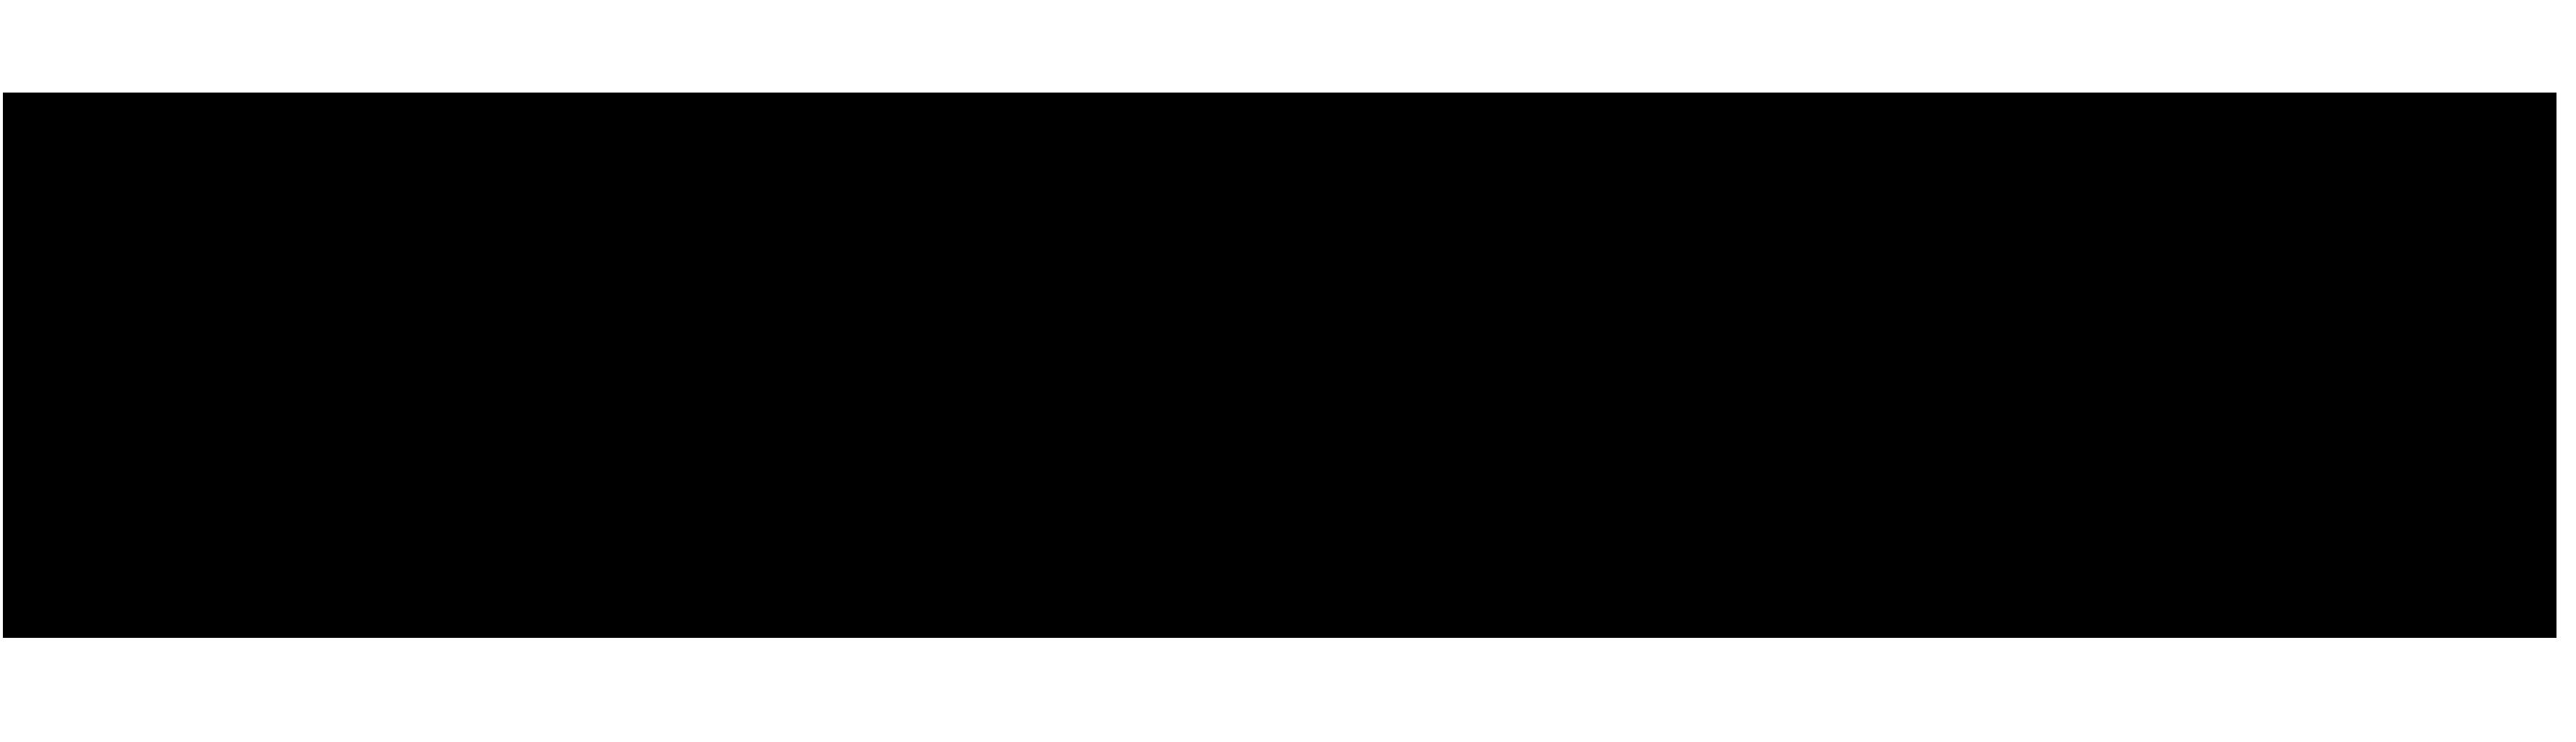 rrroni